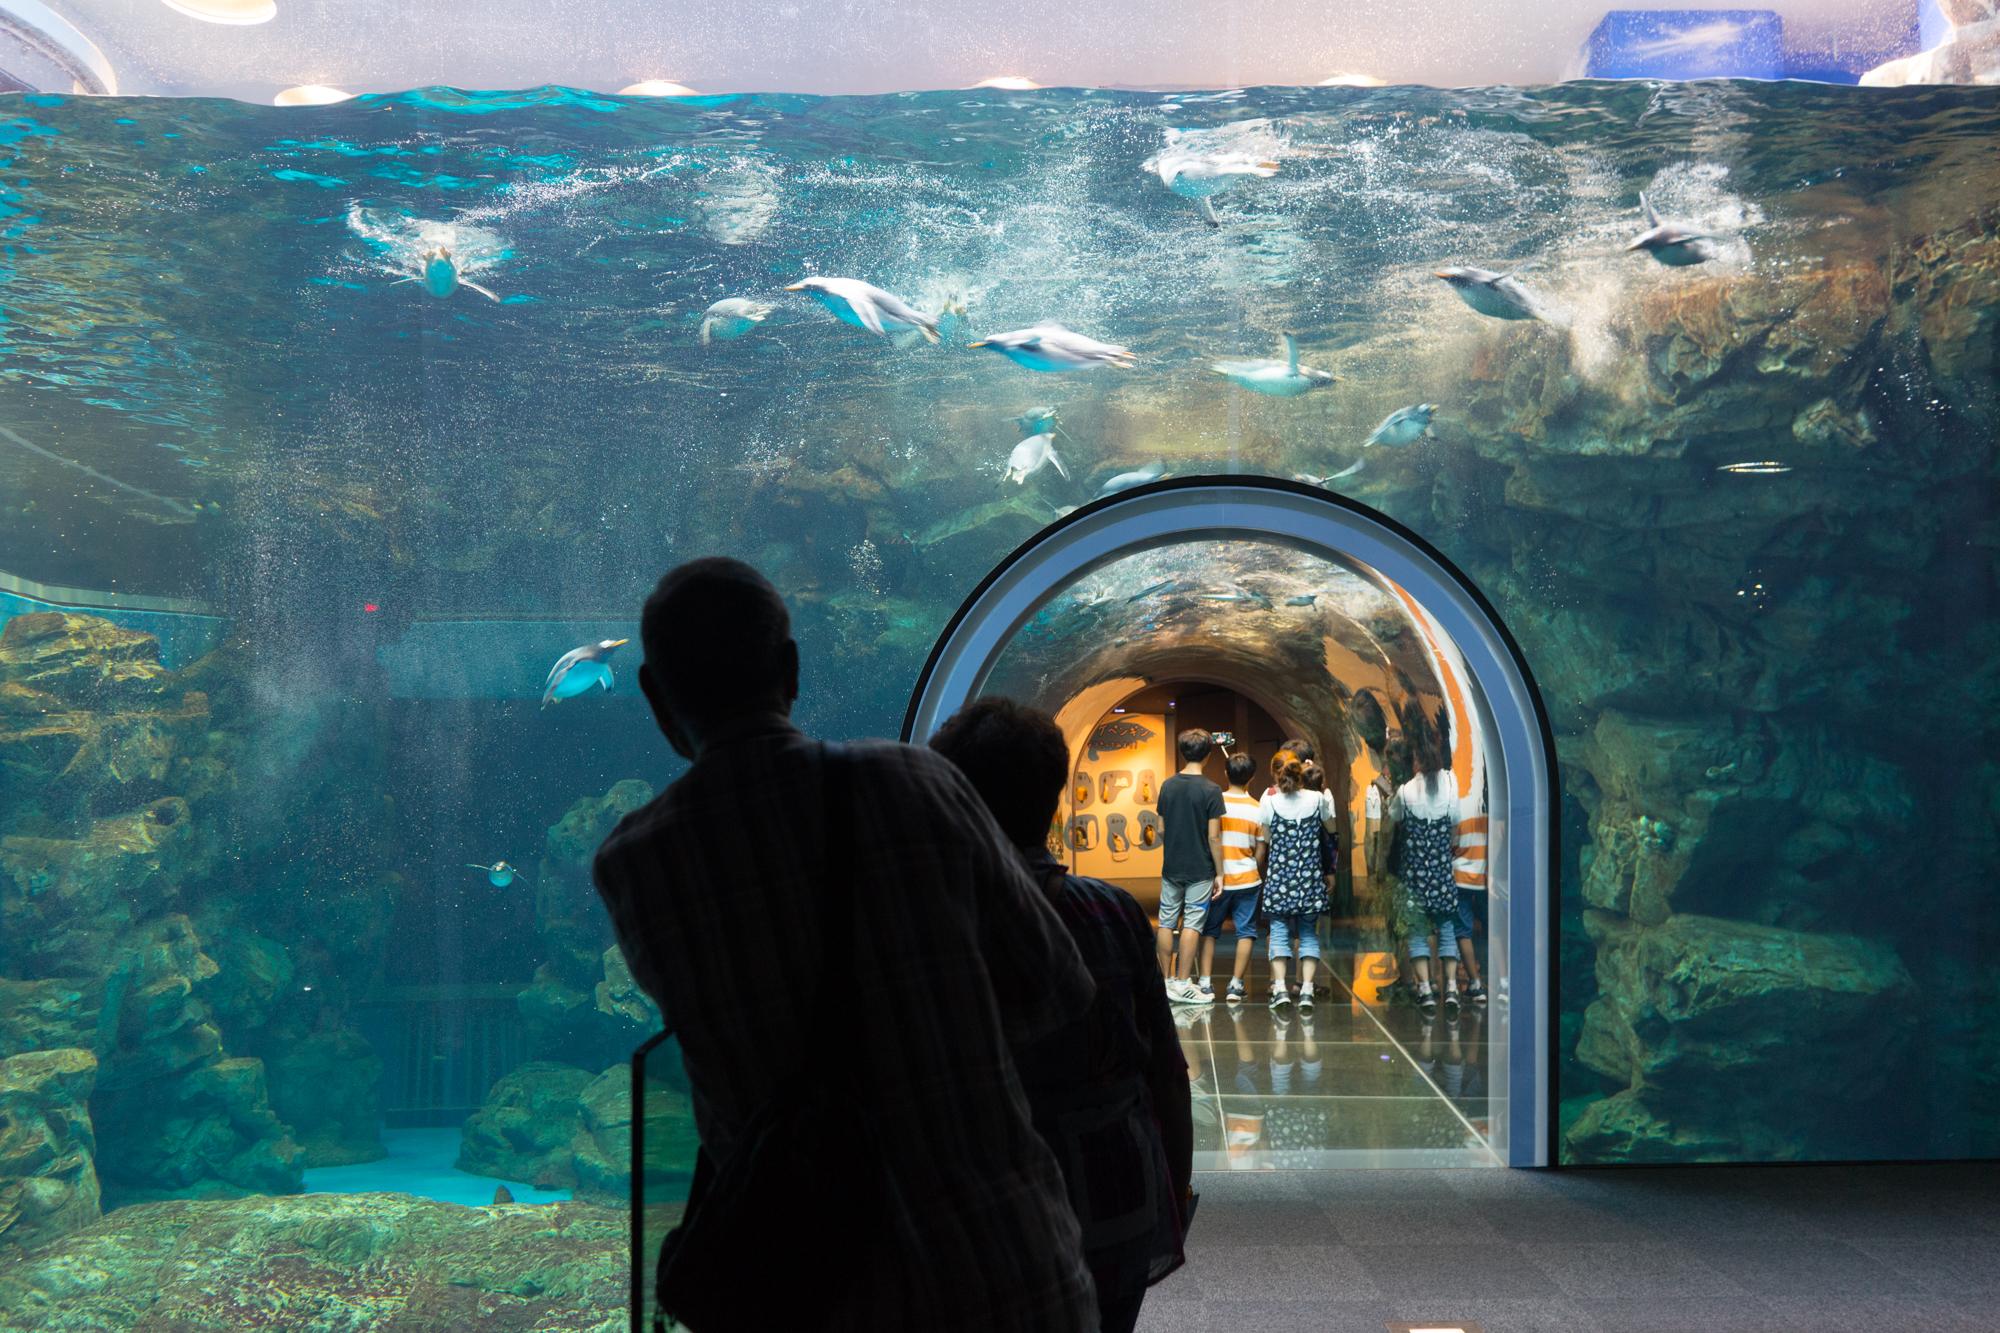 Kaikyokan Aquarium, Shimonoseki, Japan